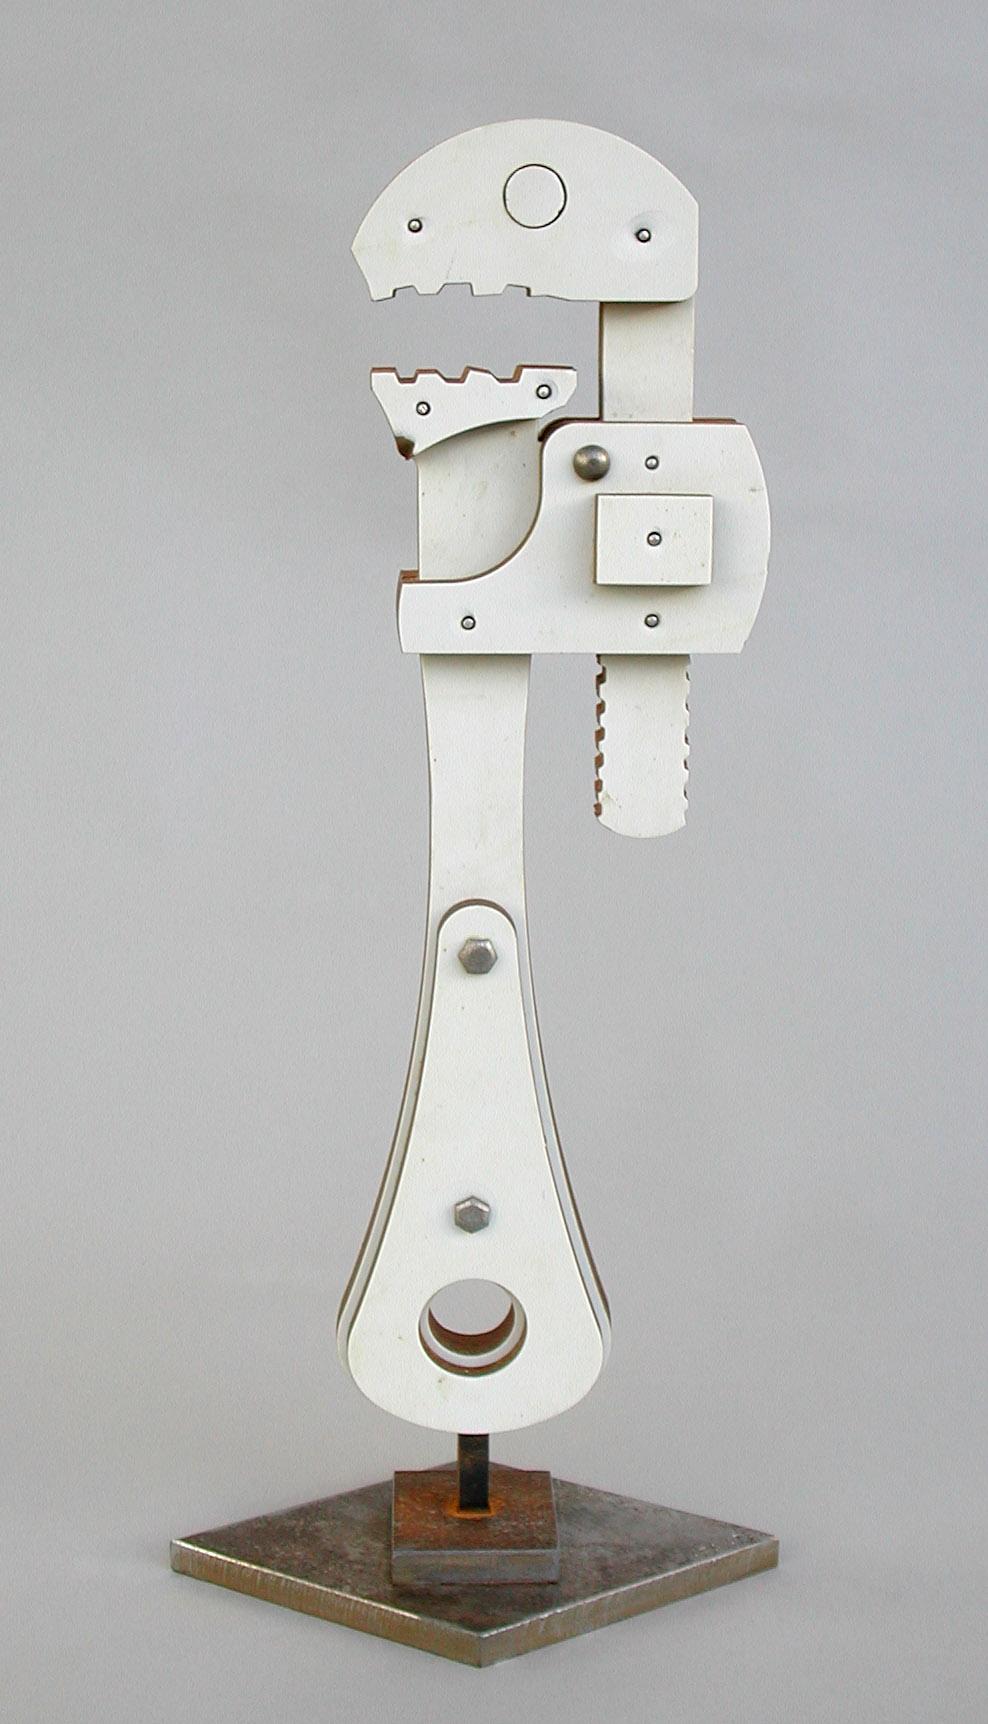 Wrench_porcelain.jpg